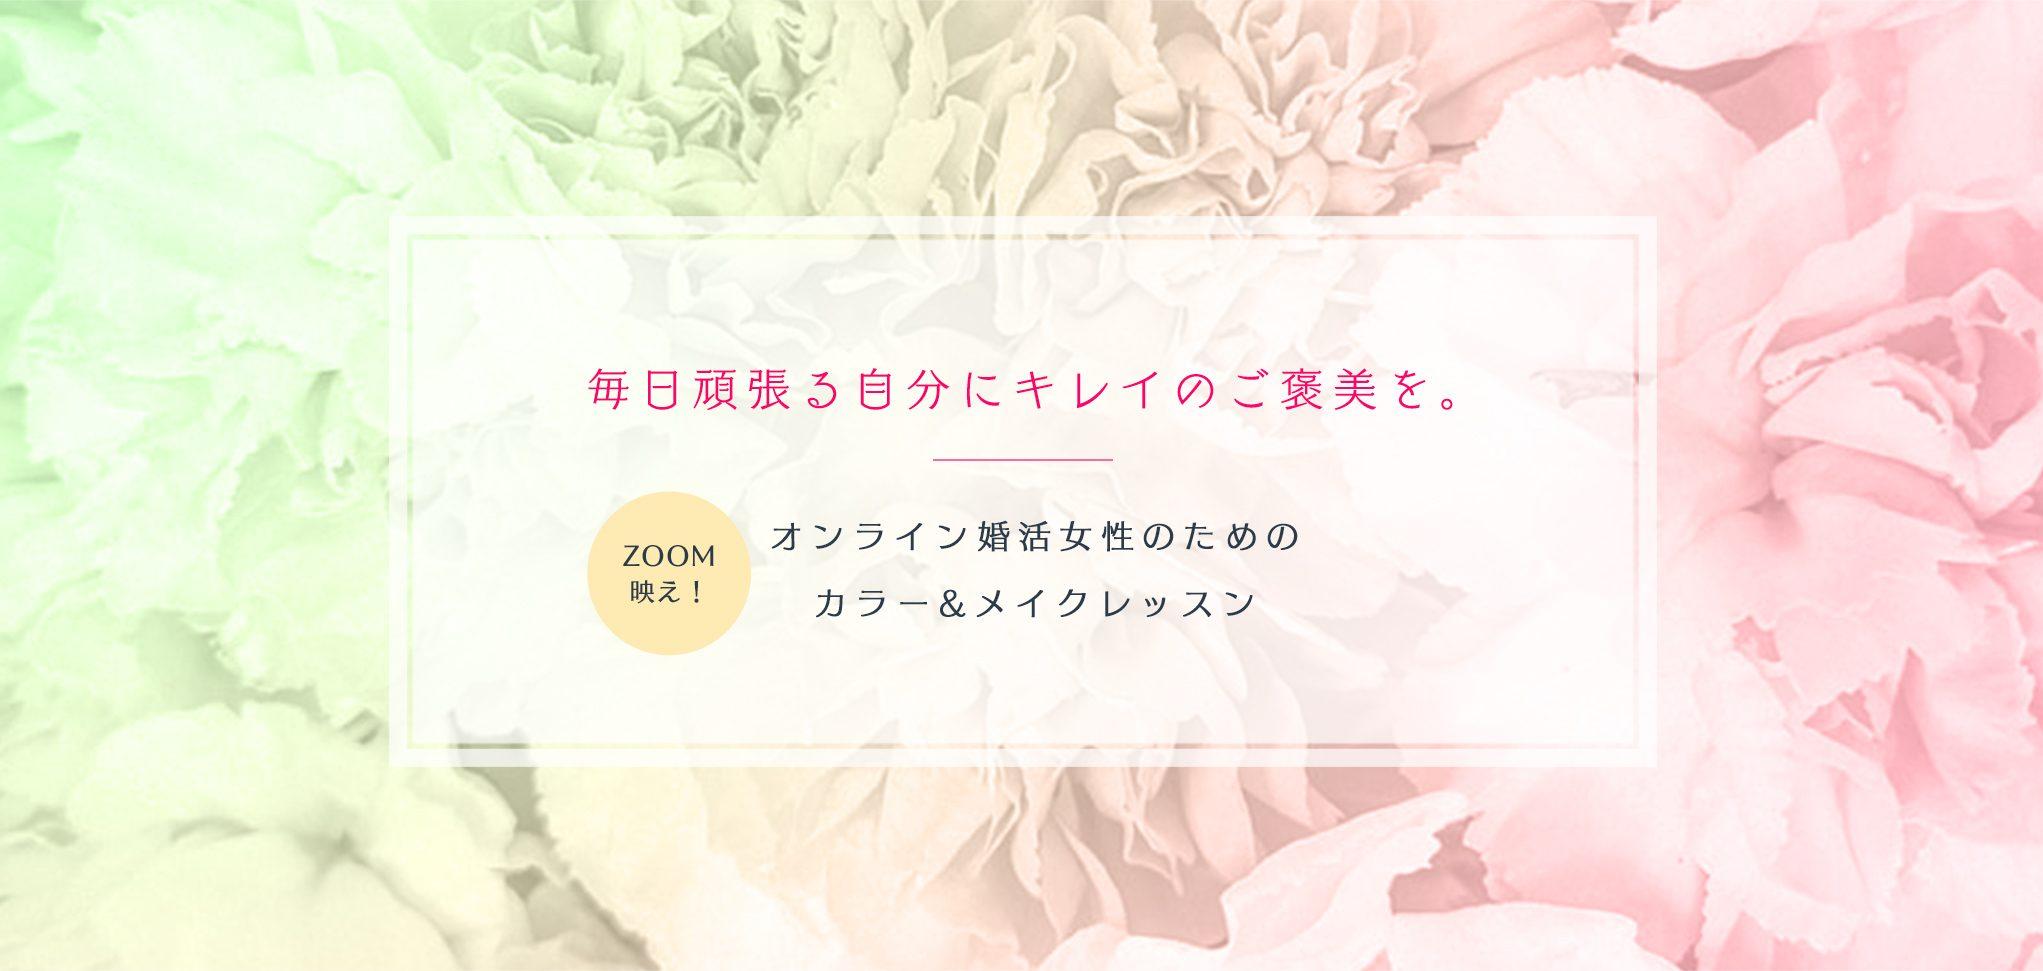 毎日頑張る自分にキレイのご褒美を。 ZOOM映え! オンライン婚活女性のためのカラー&メイクレッスン